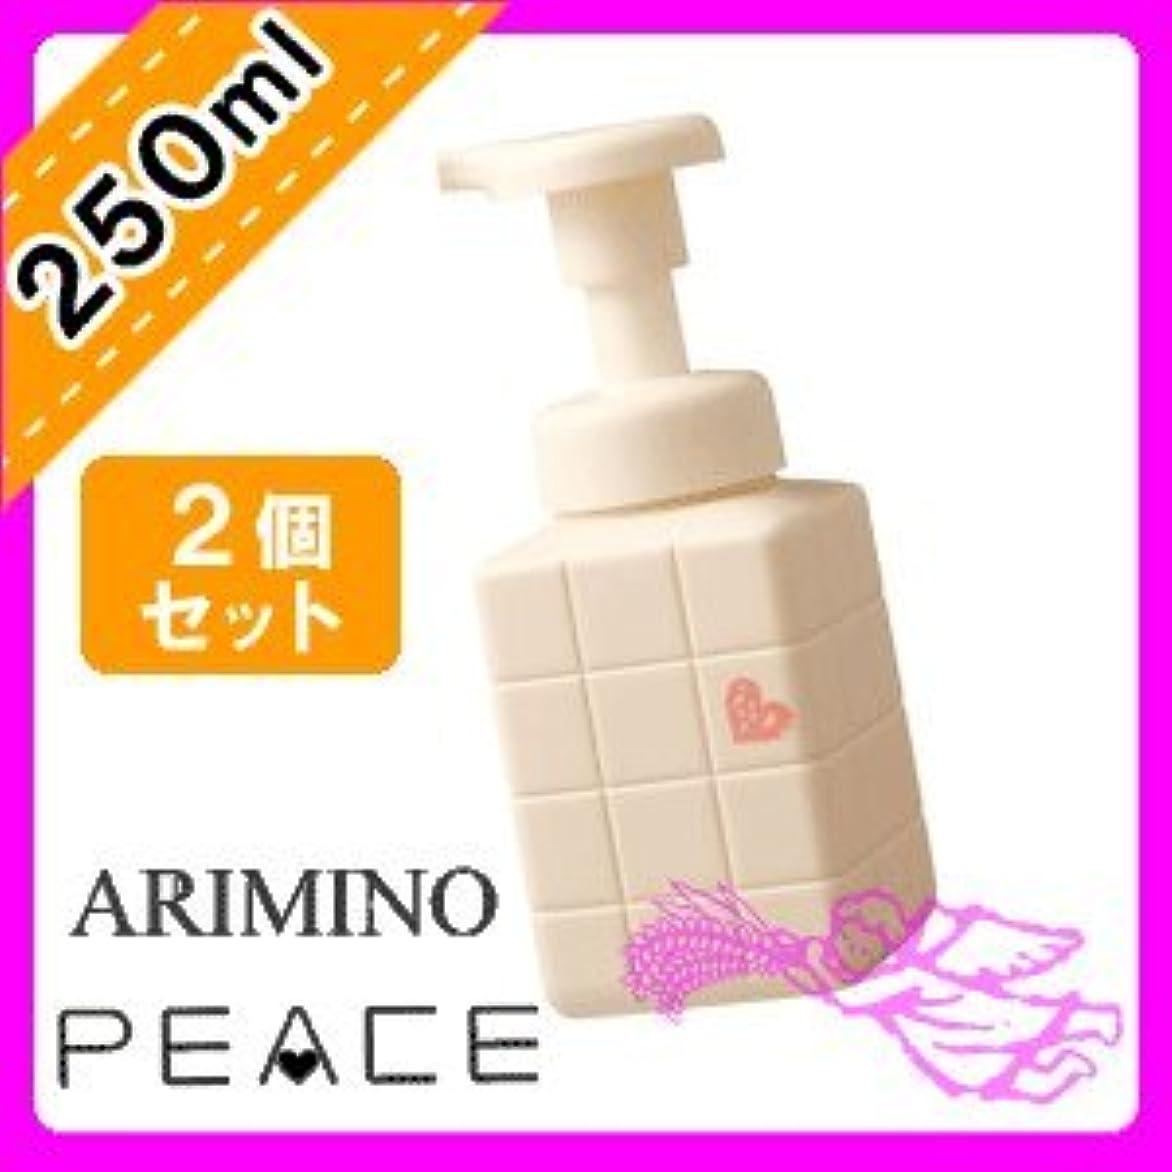 常に識別する分離するアリミノ ピース ホイップワックス PEACE ナチュラルウェーブ ホイップ250mL ×2個 セット arimino PEACE